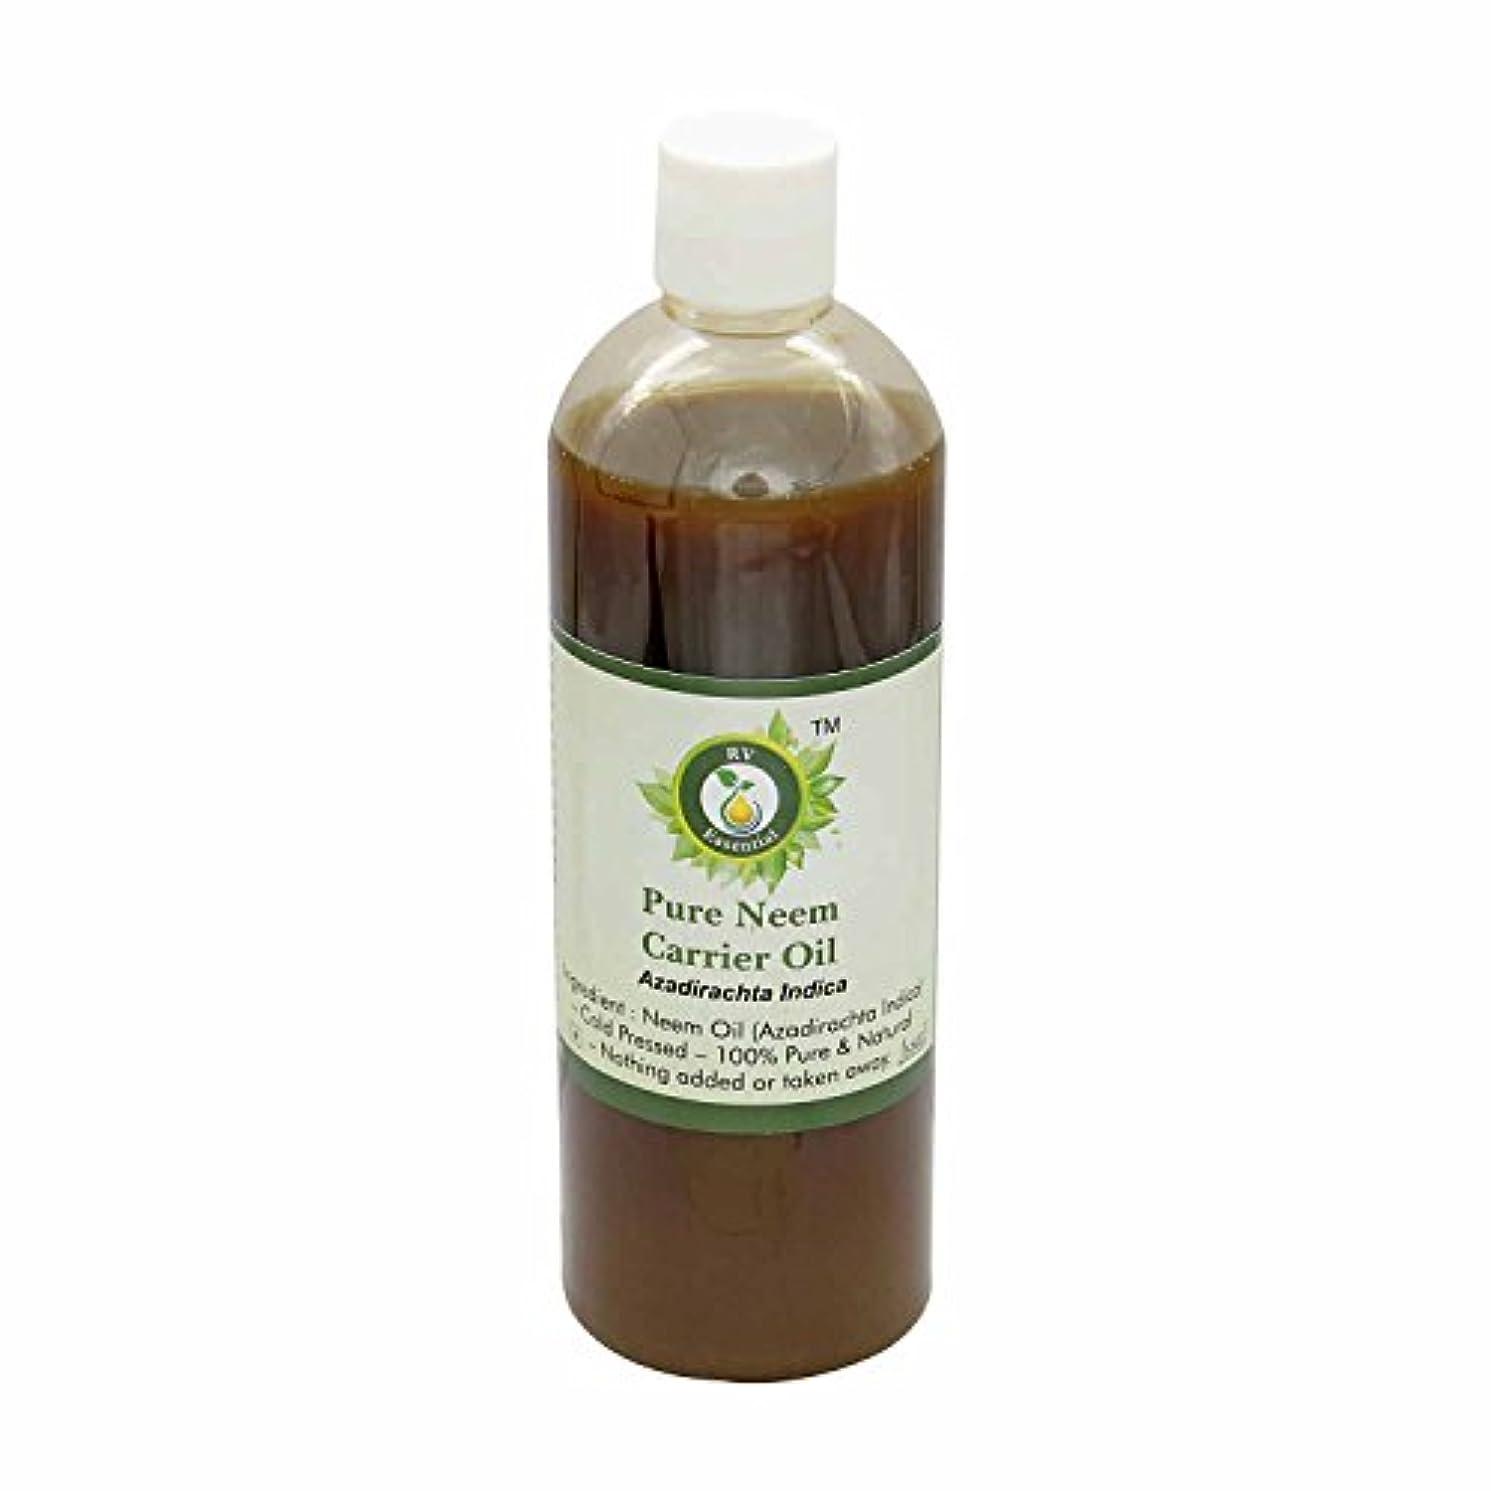 不誠実彼女自身メールR V Essential 純Neemキャリアオイル100ml (3.38oz)- Azadirachta Indica (100%ピュア&ナチュラルコールドPressed) Pure Neem Carrier Oil